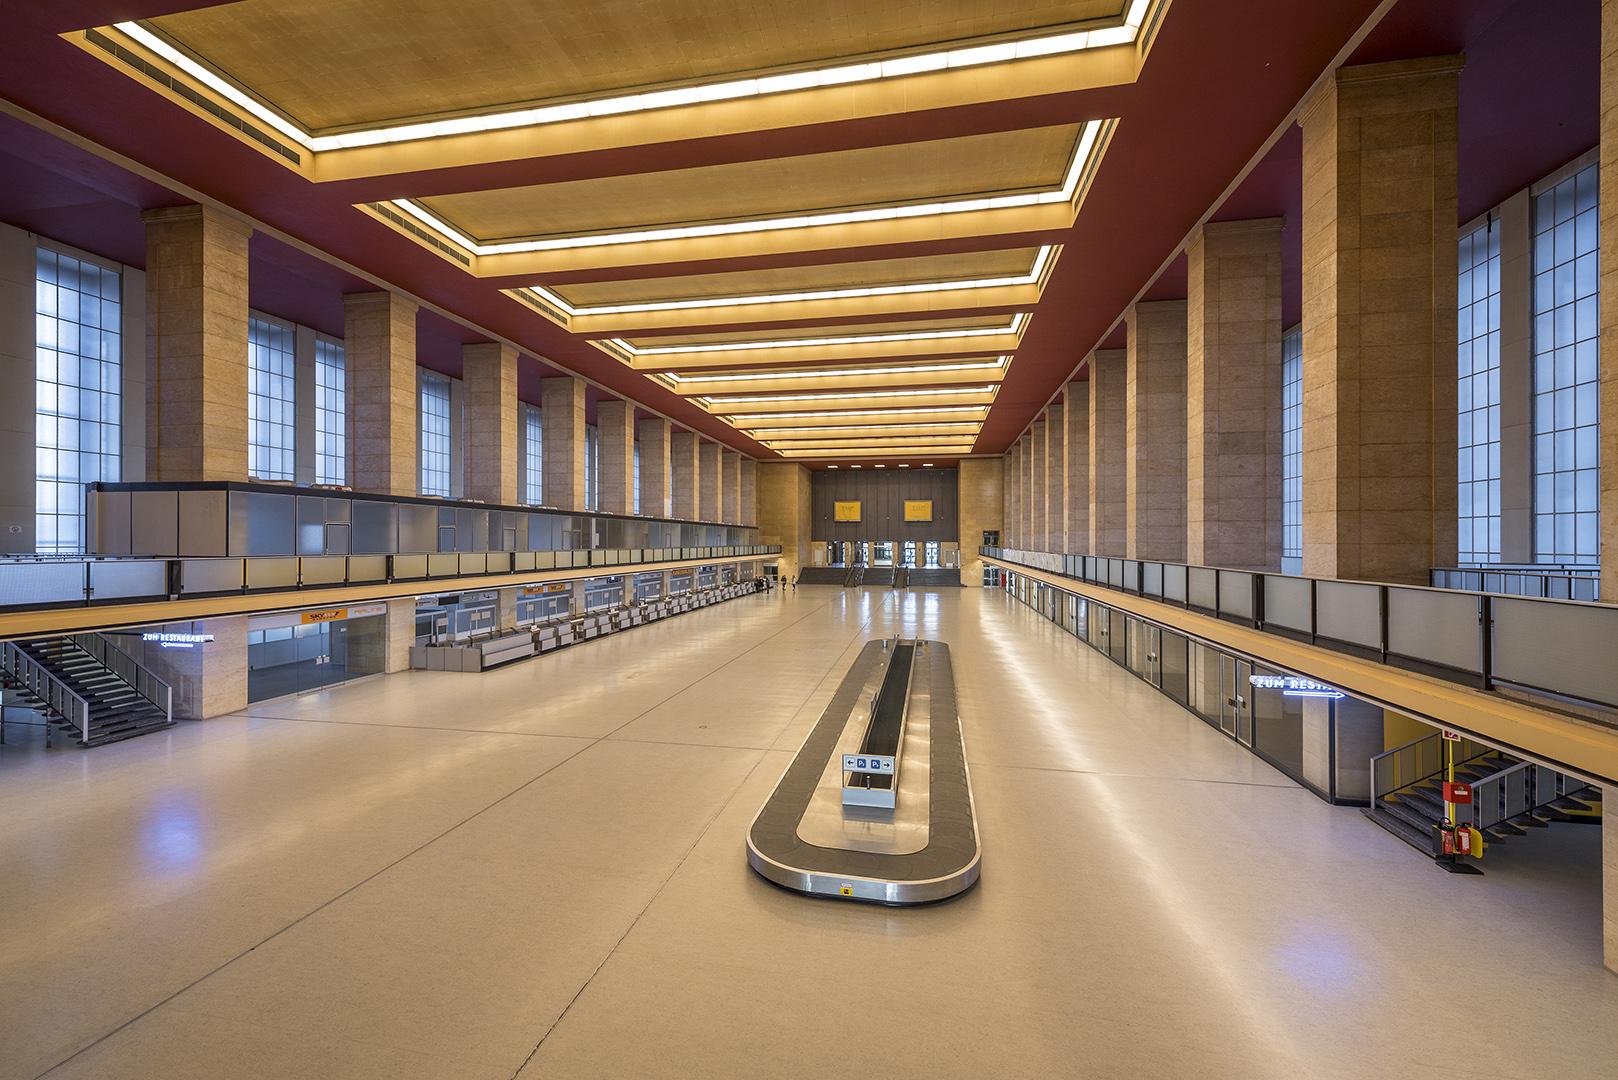 Ehemalige Eingangshalle vom Flughafen Tempelhof. Steht unter Denkmalschutz. Berlin-Tempelhof, 16.01.2017